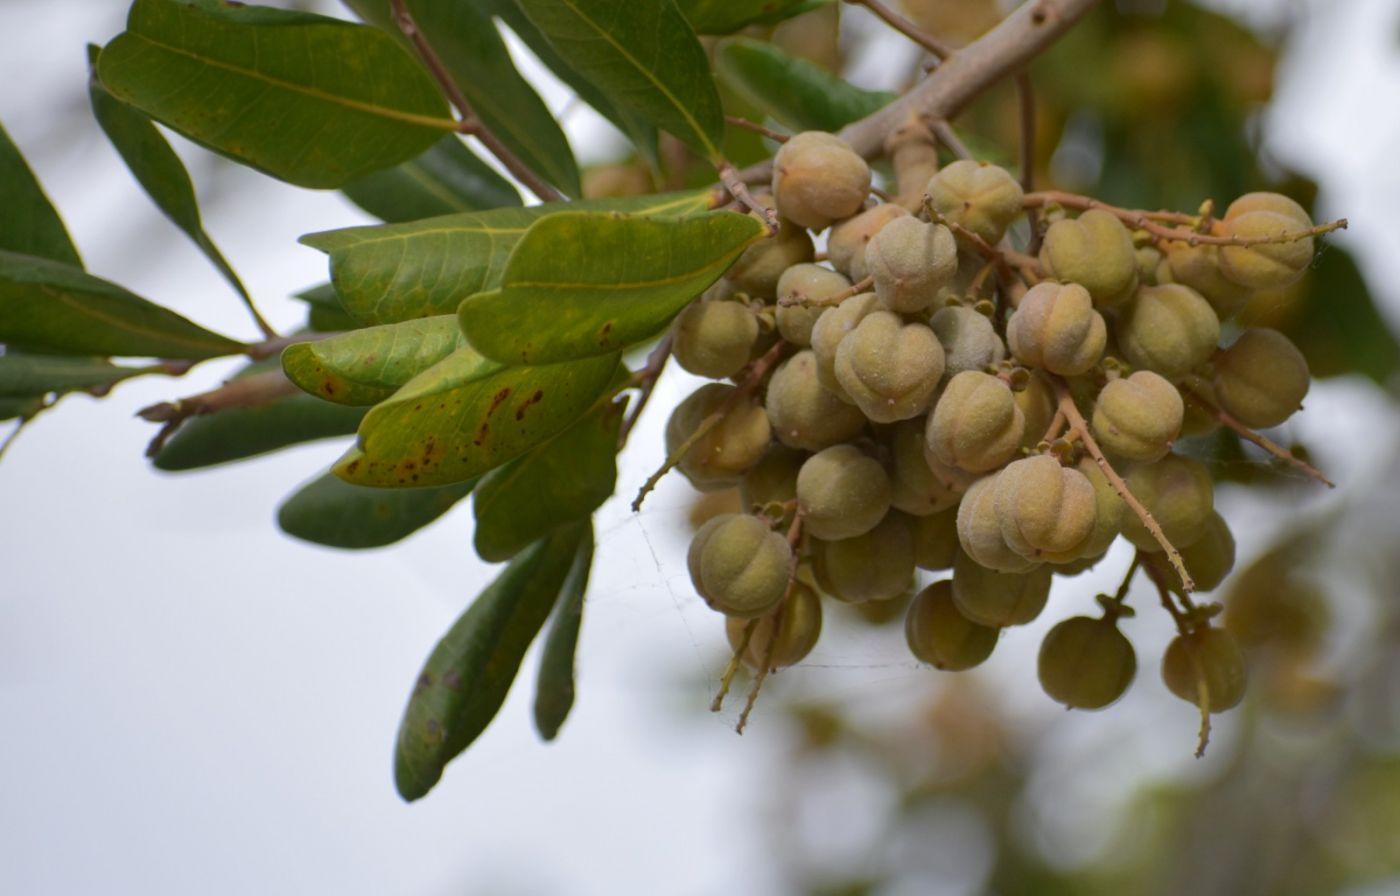 胡萝卜树的果实_图1-4